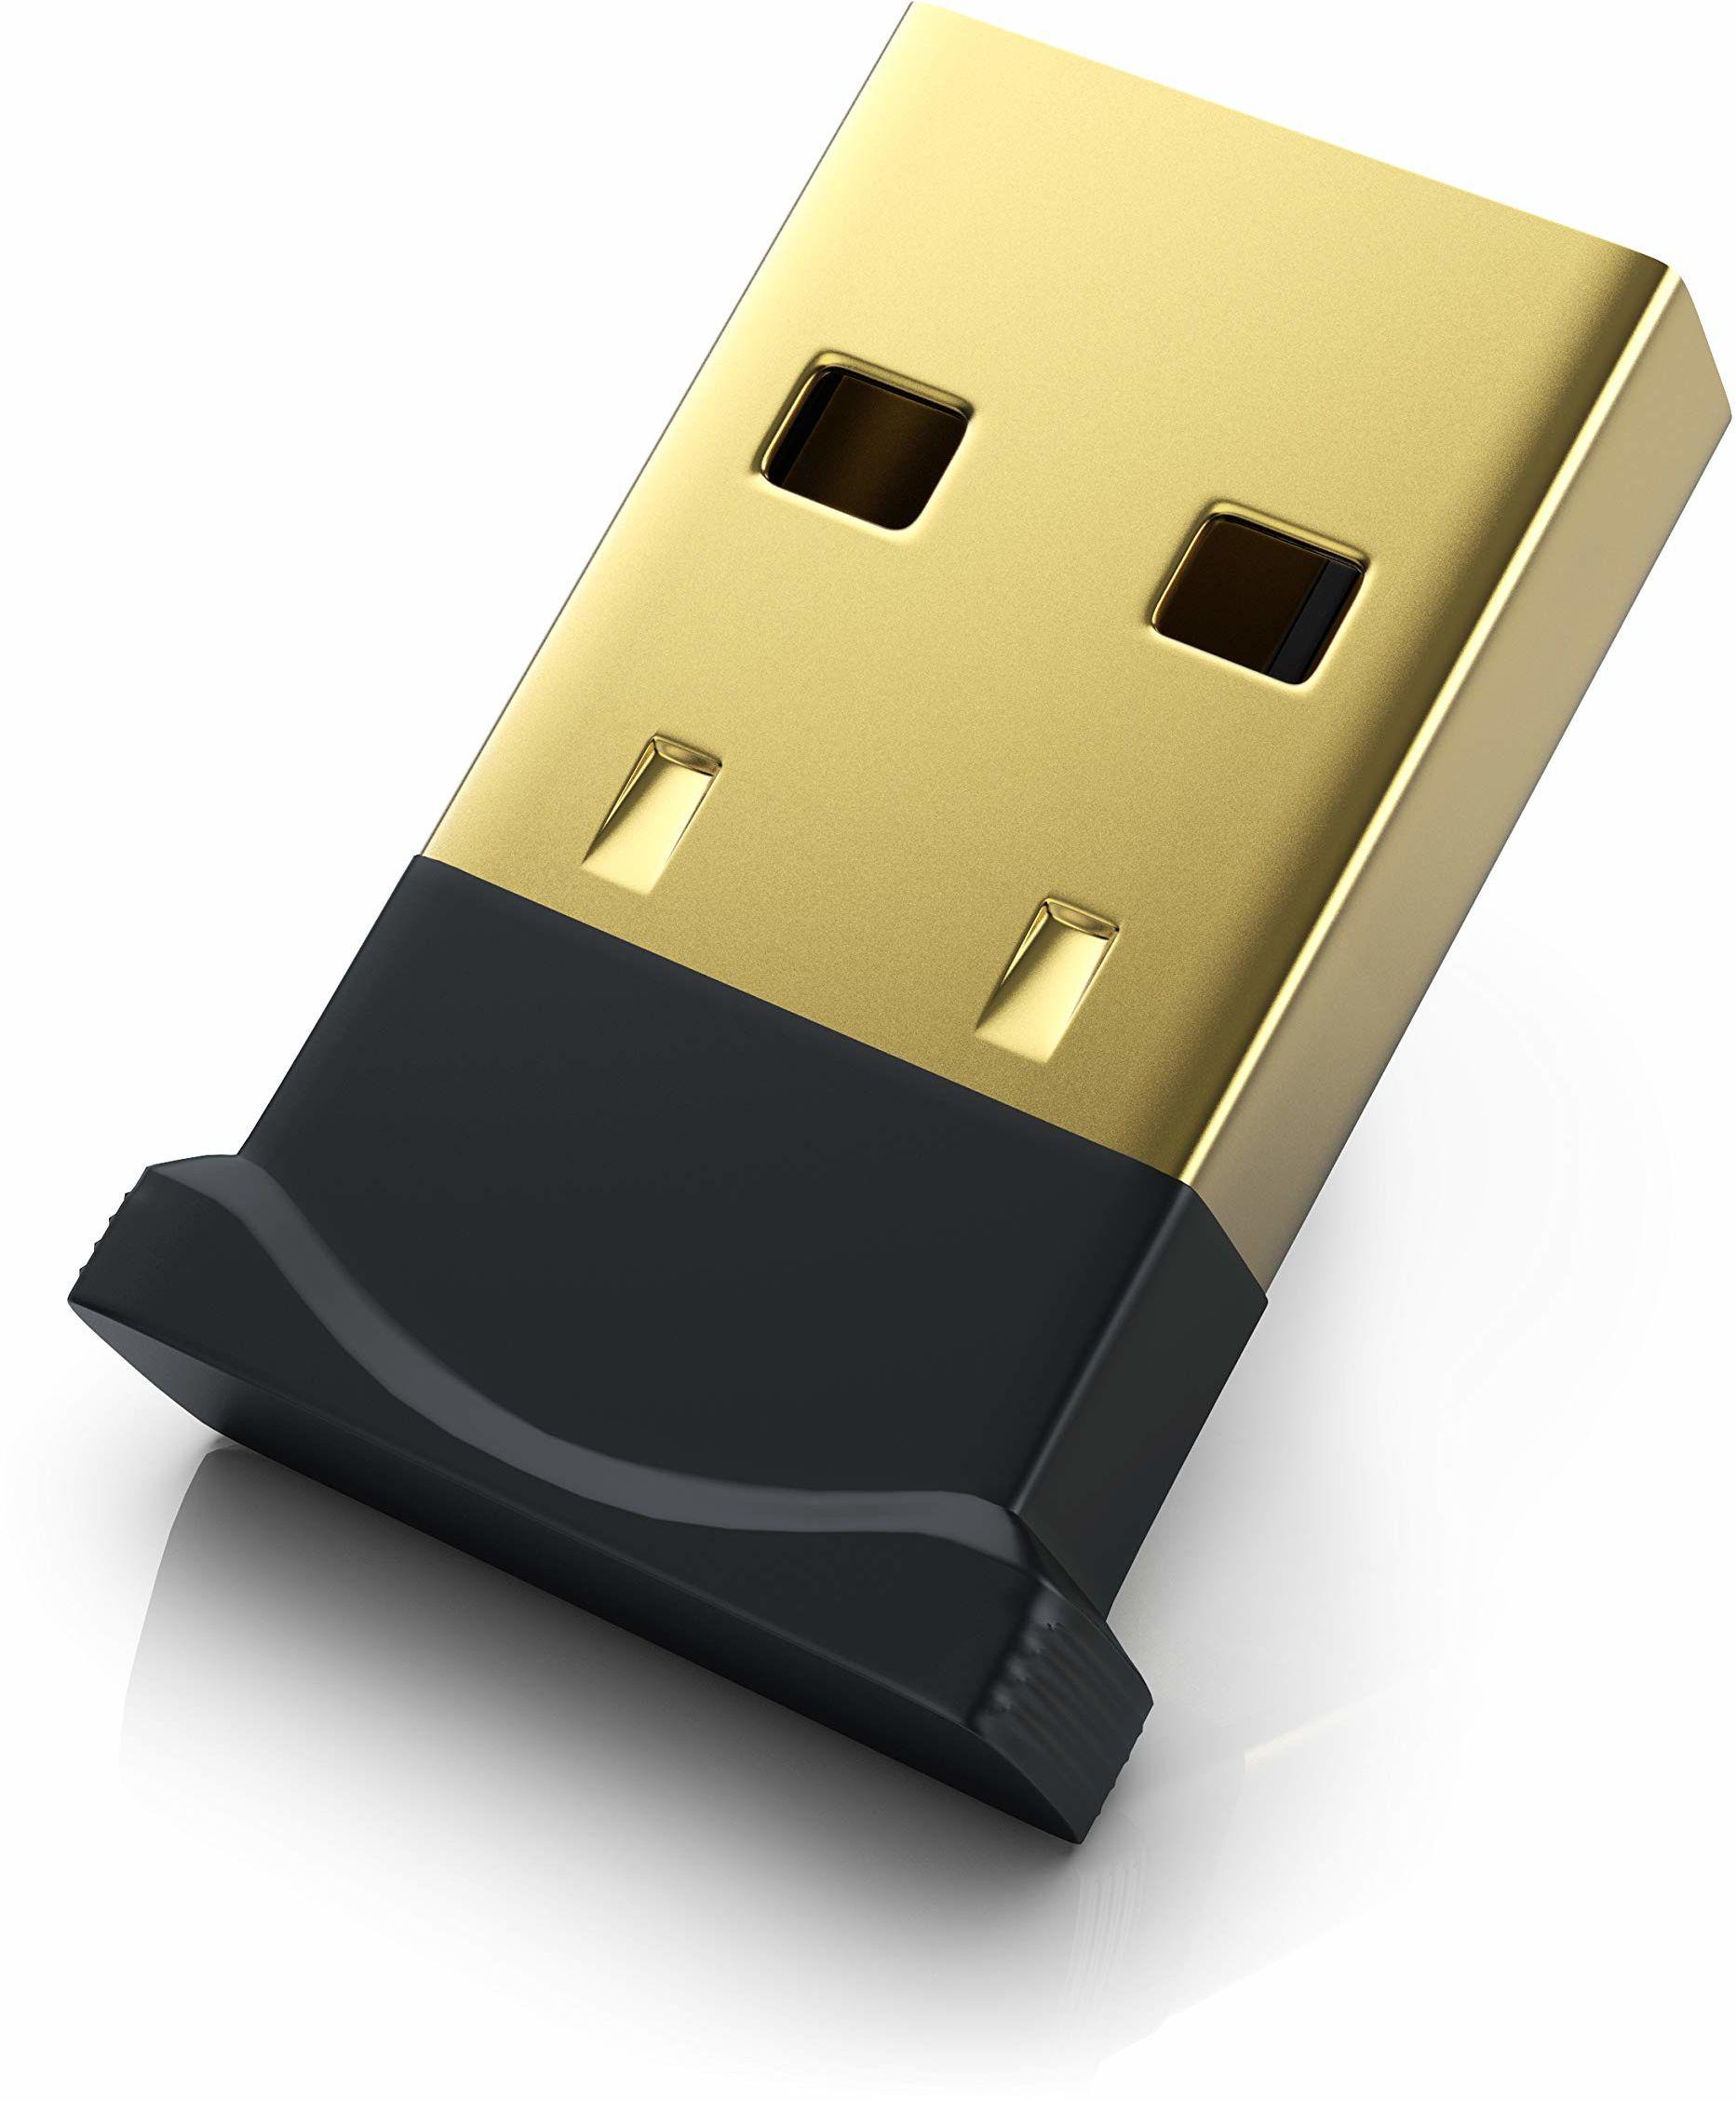 CSL - USB Bluetooth Adapter V4.0 mini - Bluetooth Dongle Stick - Windows 10 8.1 8 7 XP Vista - do PC Hifi słuchawki